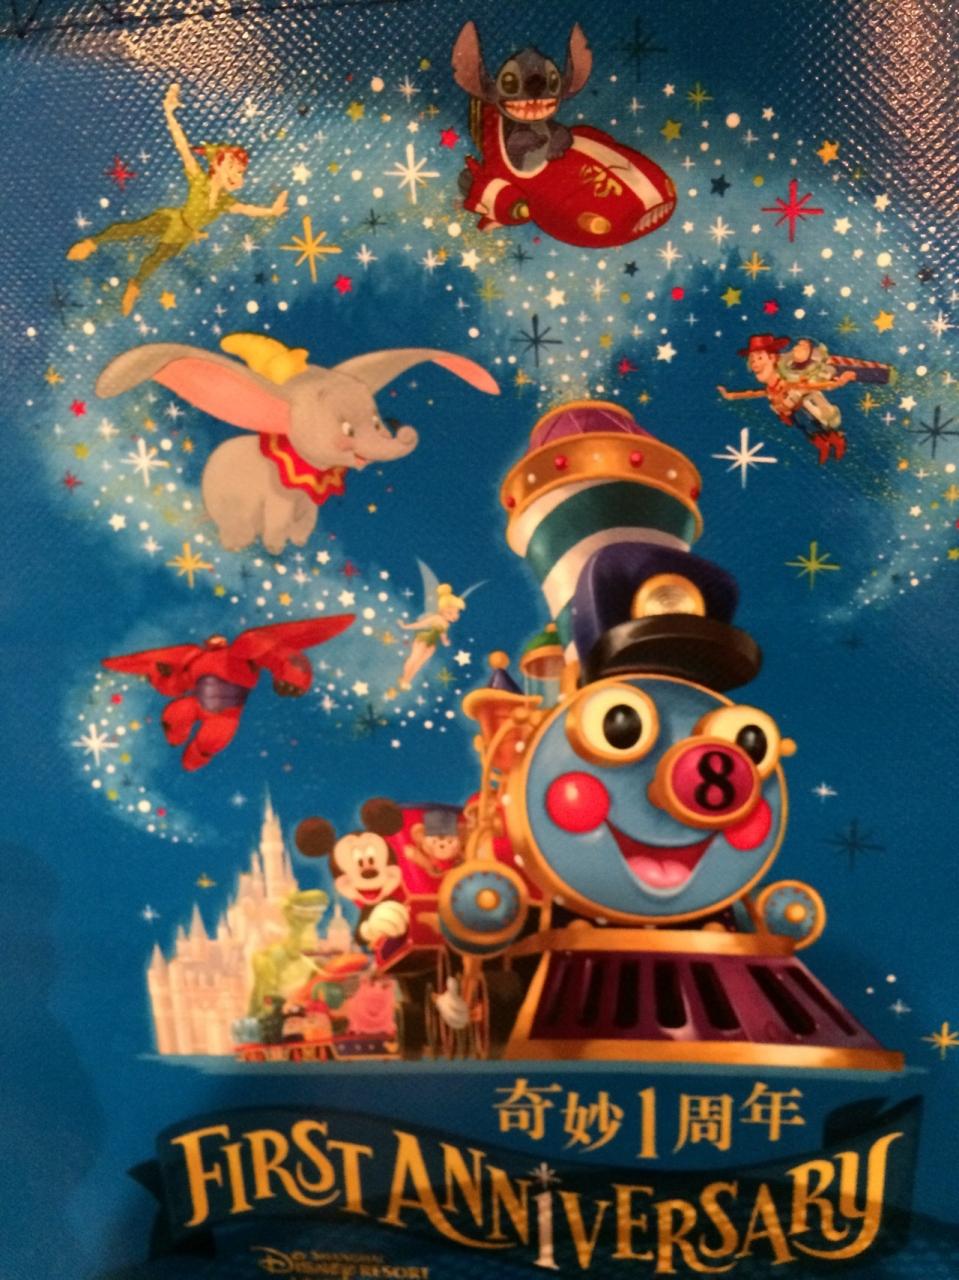 激安上海&上海ディズニーランド1泊4日の旅。 母 78才 激安海外旅行が